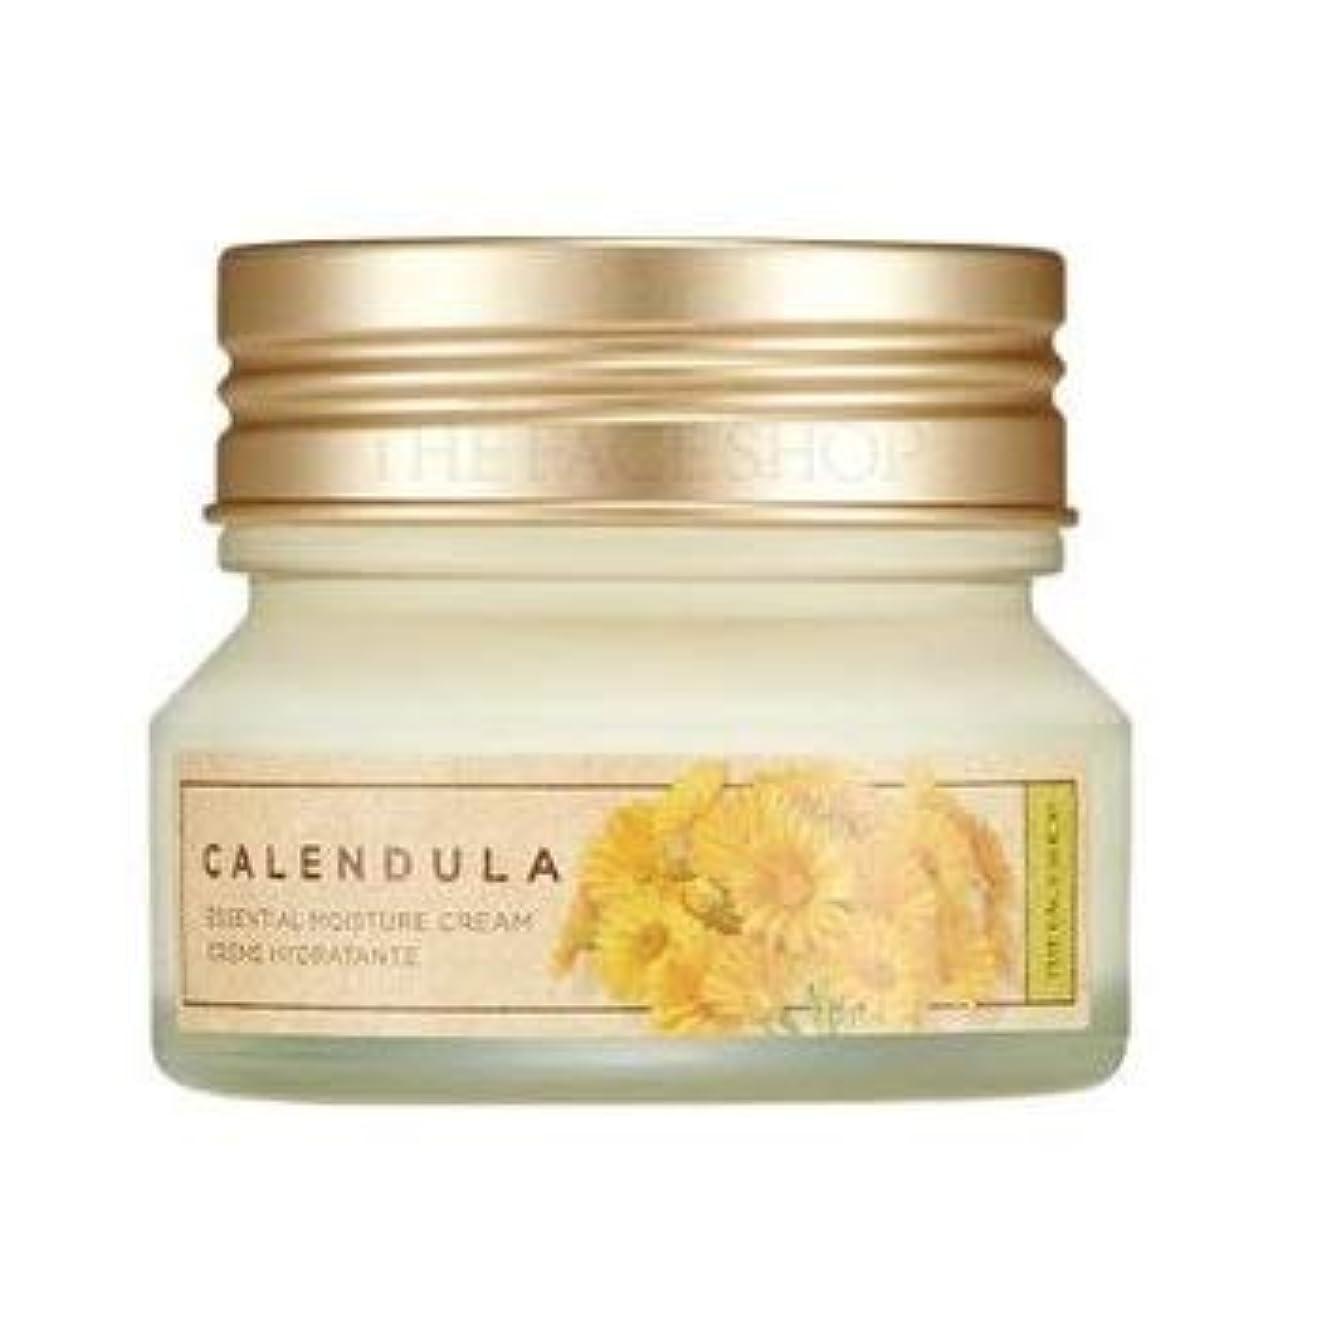 アコー化学者人に関する限りTHE FACE SHOP Calendula Essential Moisture Cream ザフェイスショップ カレンデュラ エッセンシャル モイスチャー クリーム [並行輸入品]